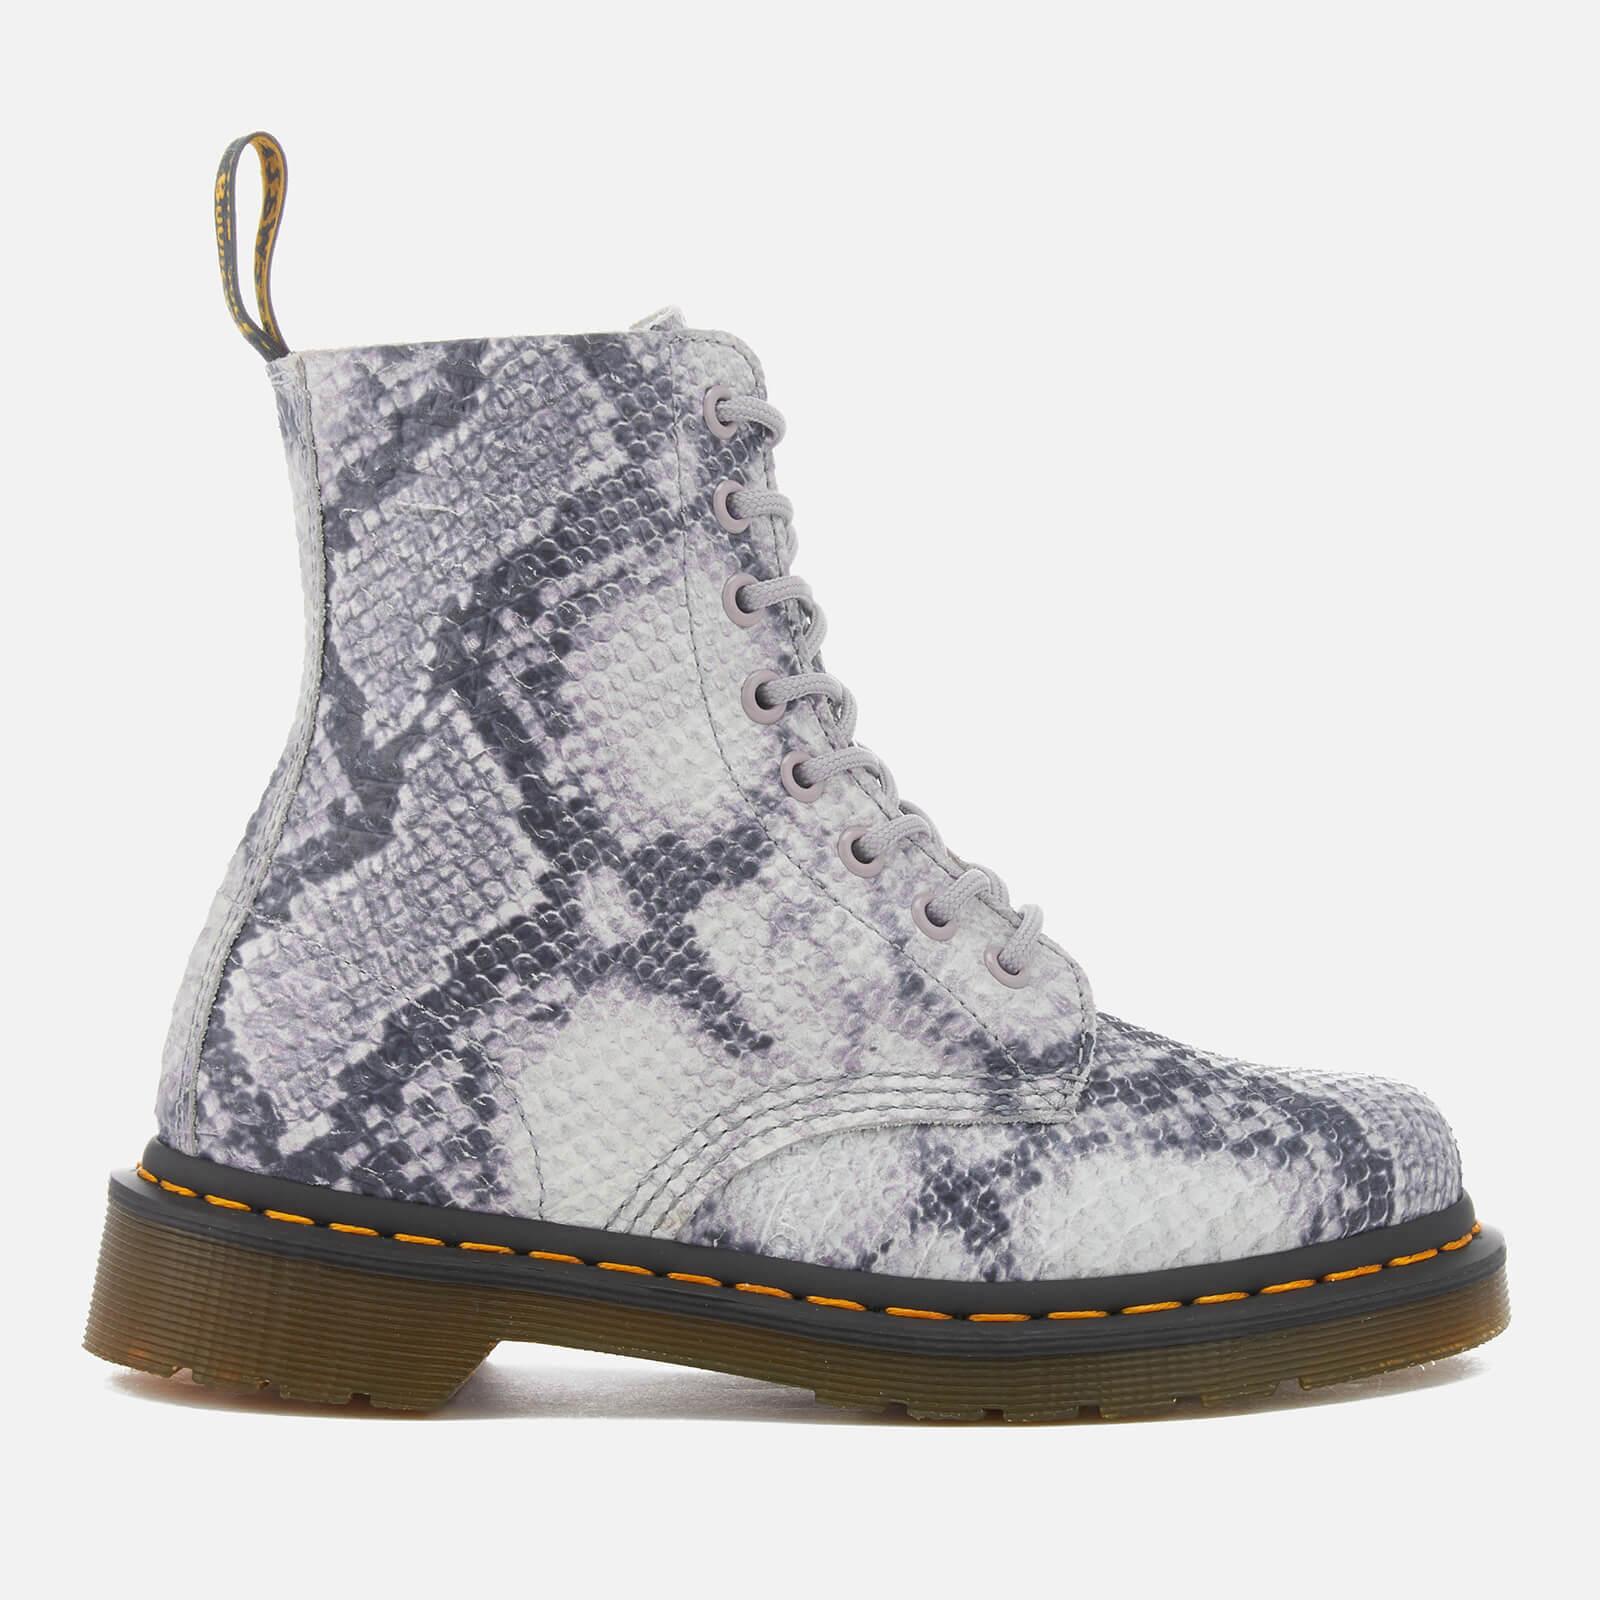 6e4202a1b0a Dr. Martens Women's Pascal Snake 8-Eye Boots - Light Grey